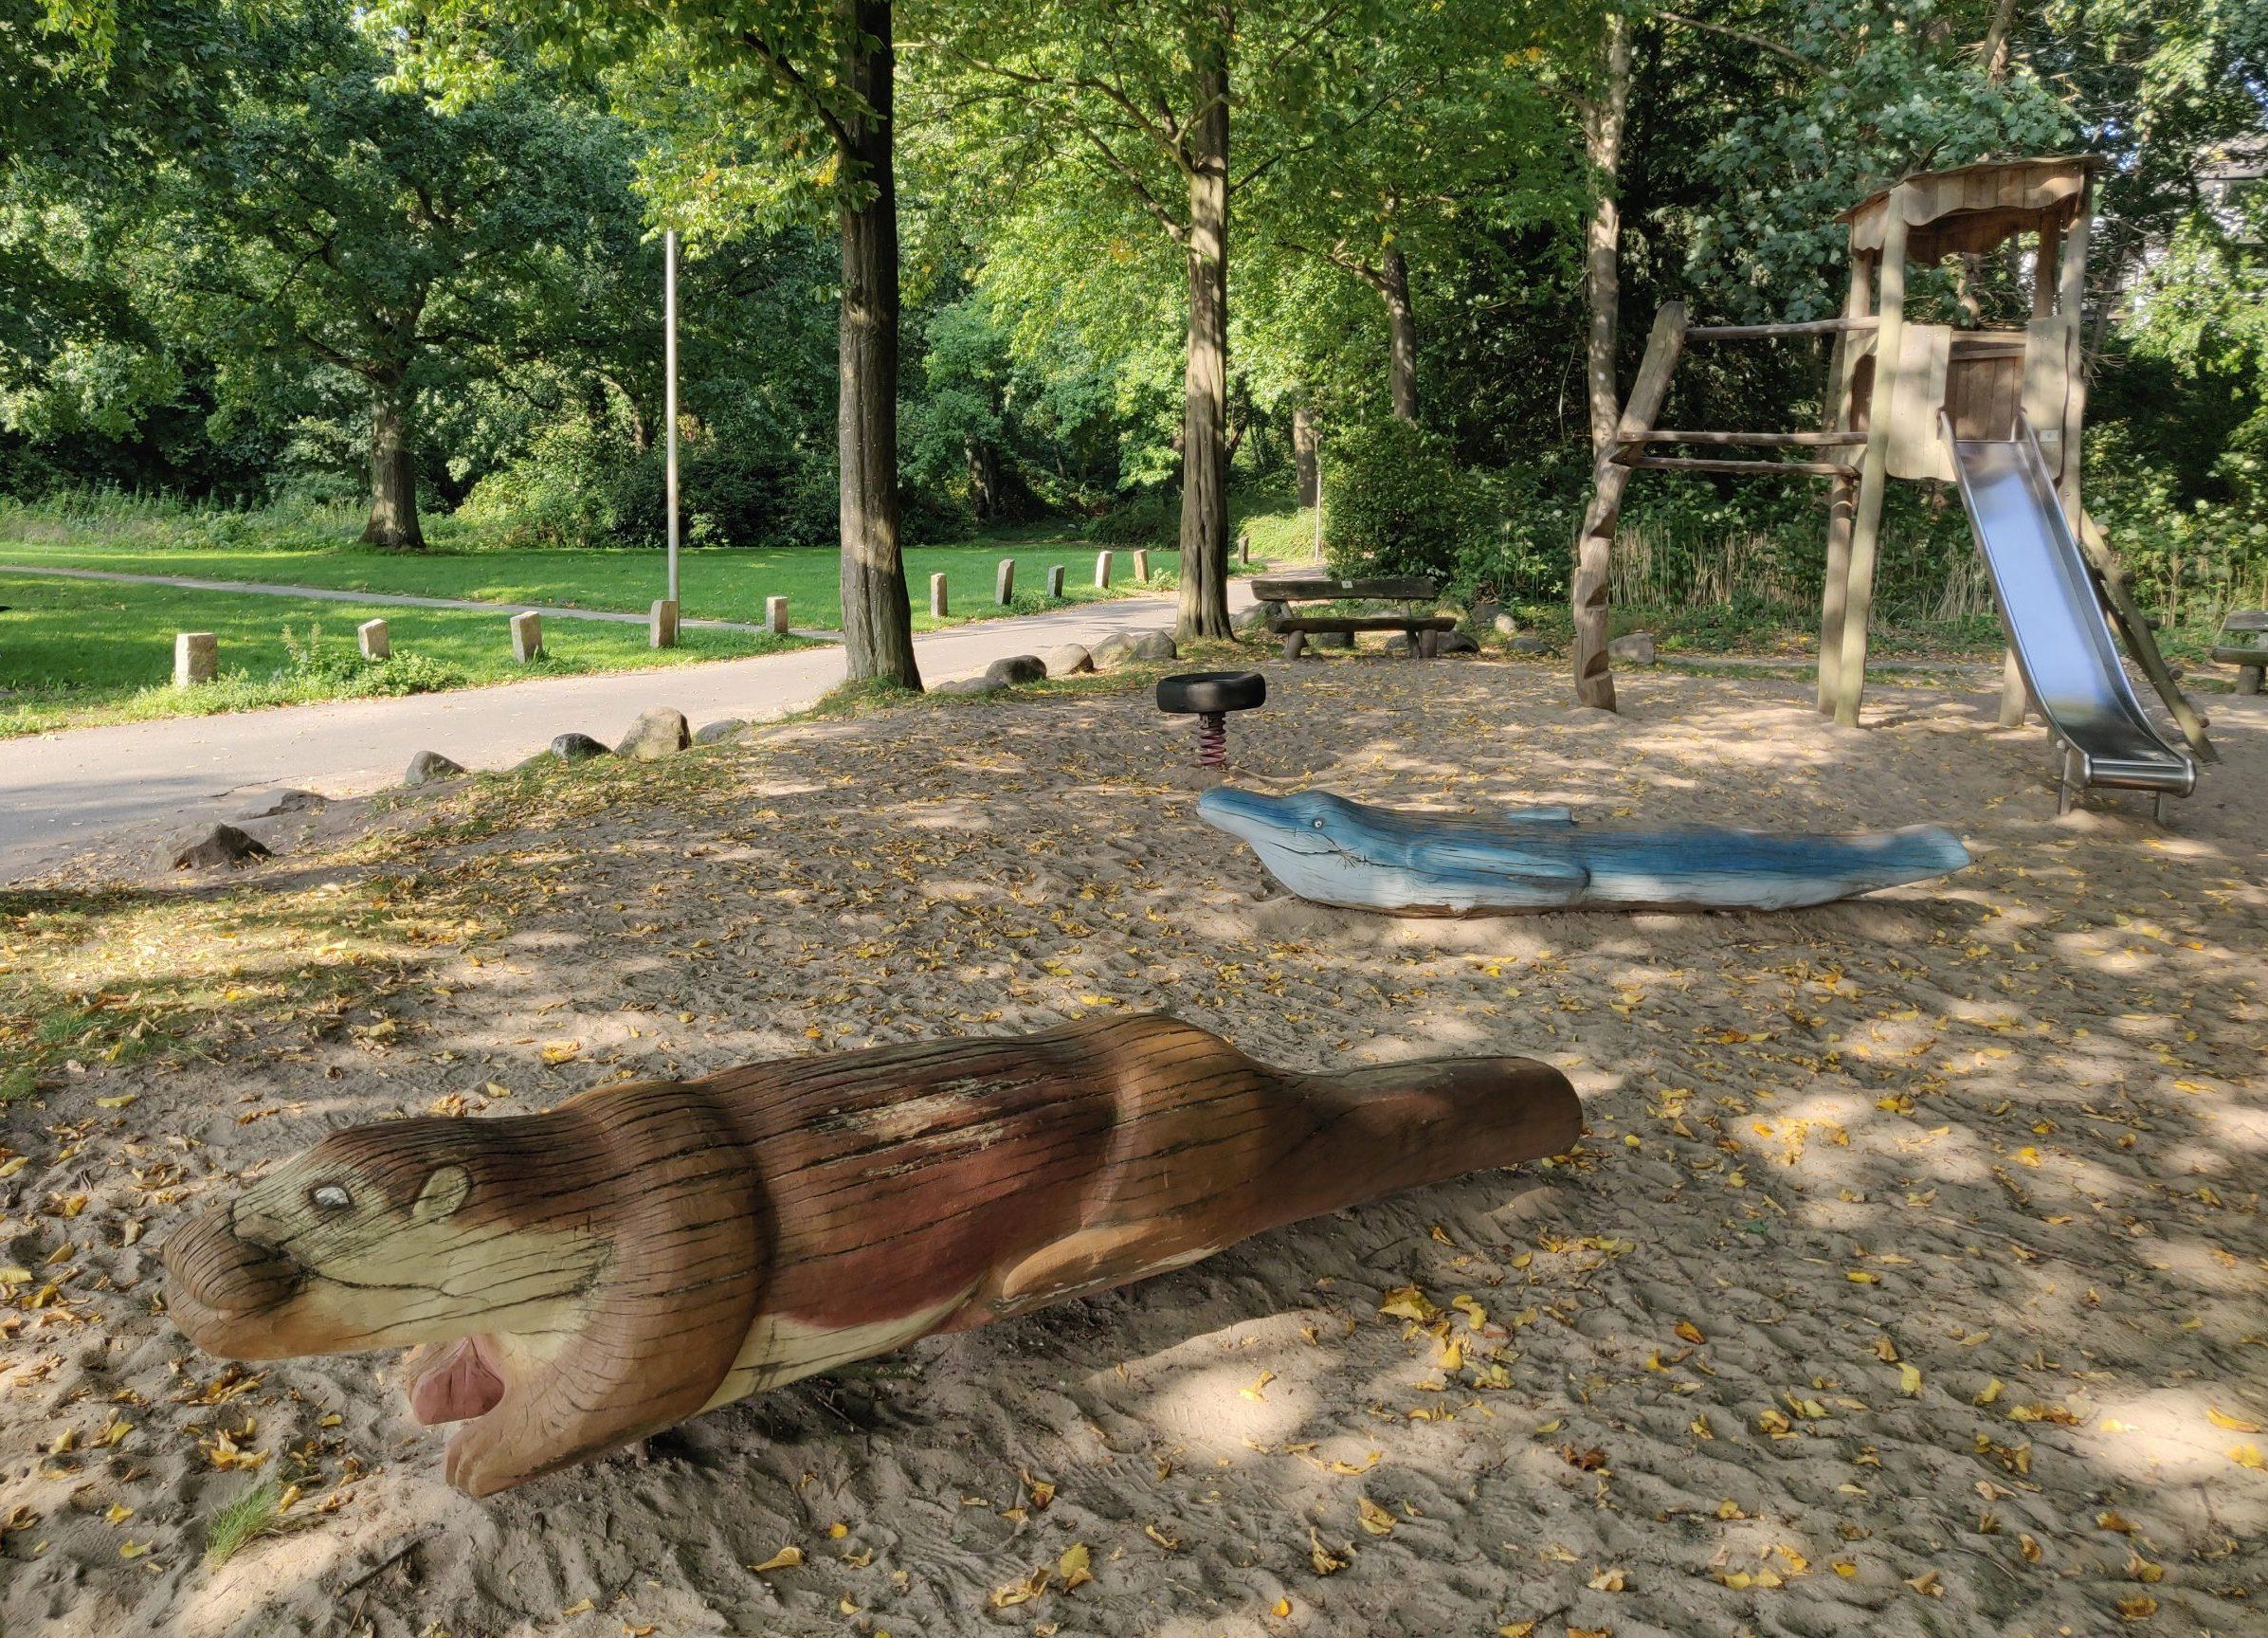 Spielplatz im Wald mit Klettergerüst und Schnabeltier